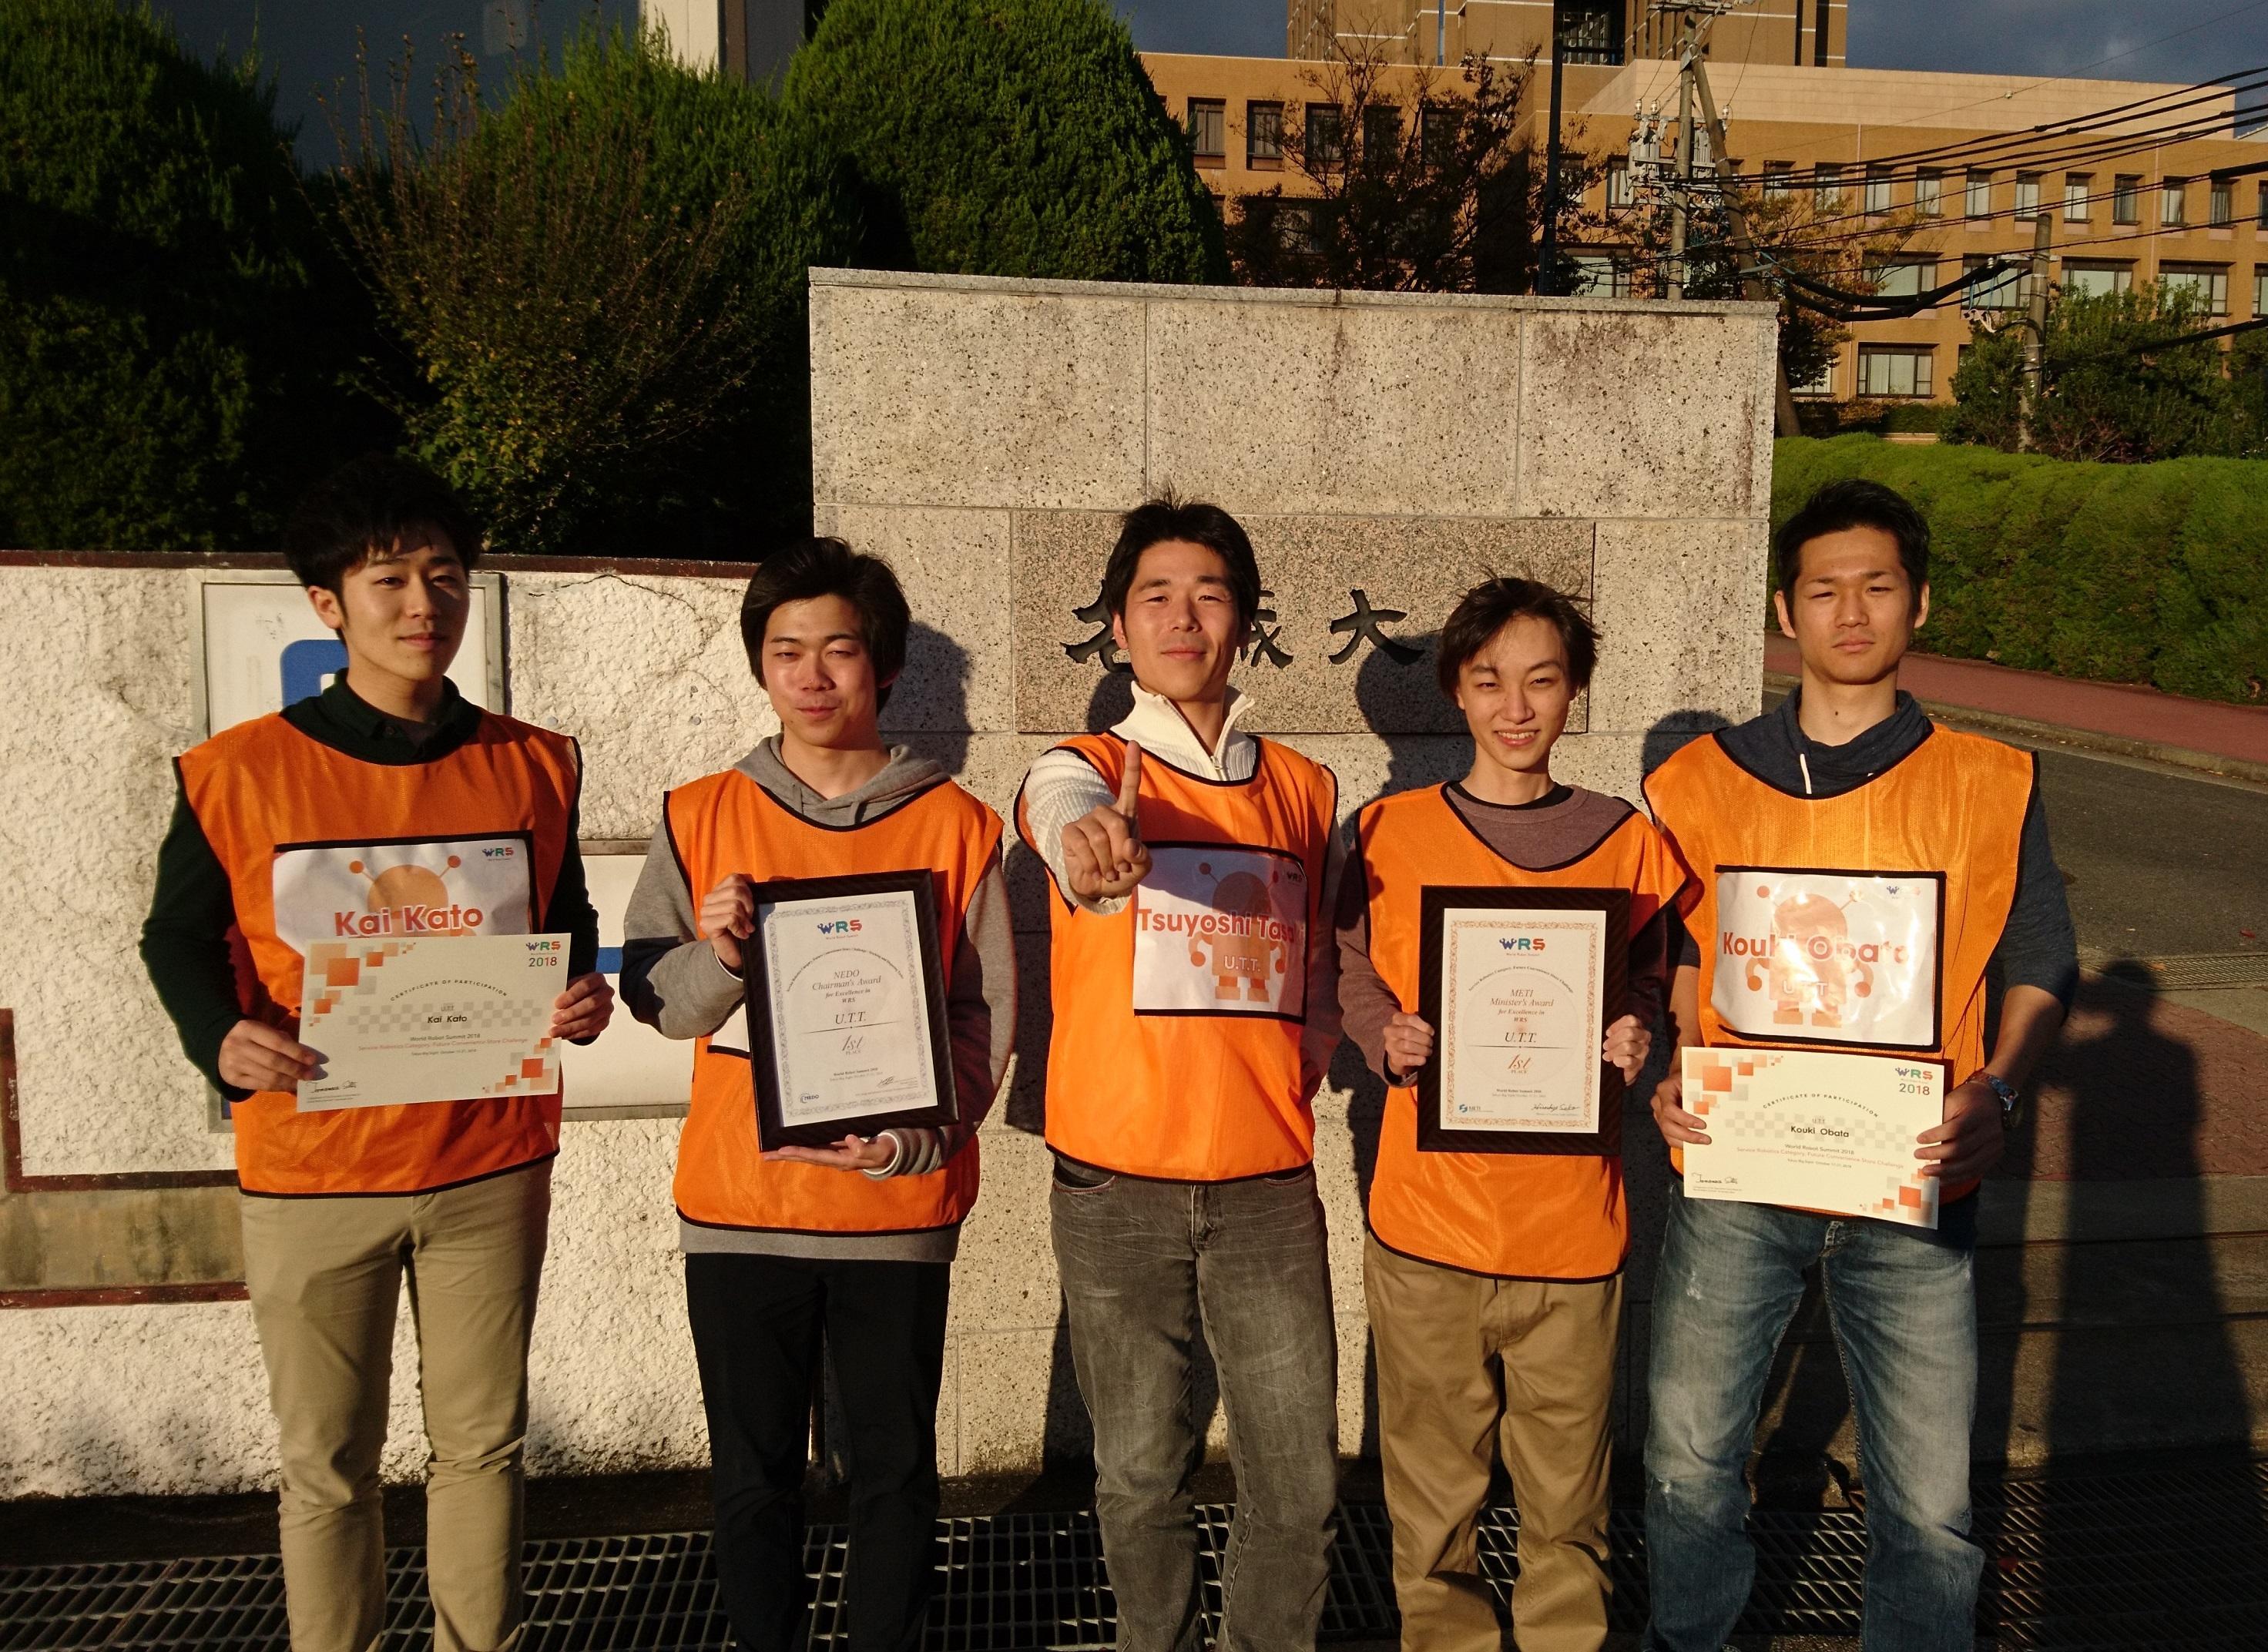 賞状を手にする(左から)加藤魁さん、山盛航輝さん、田崎豪准教授、熊﨑誠さん、小俣航希さん